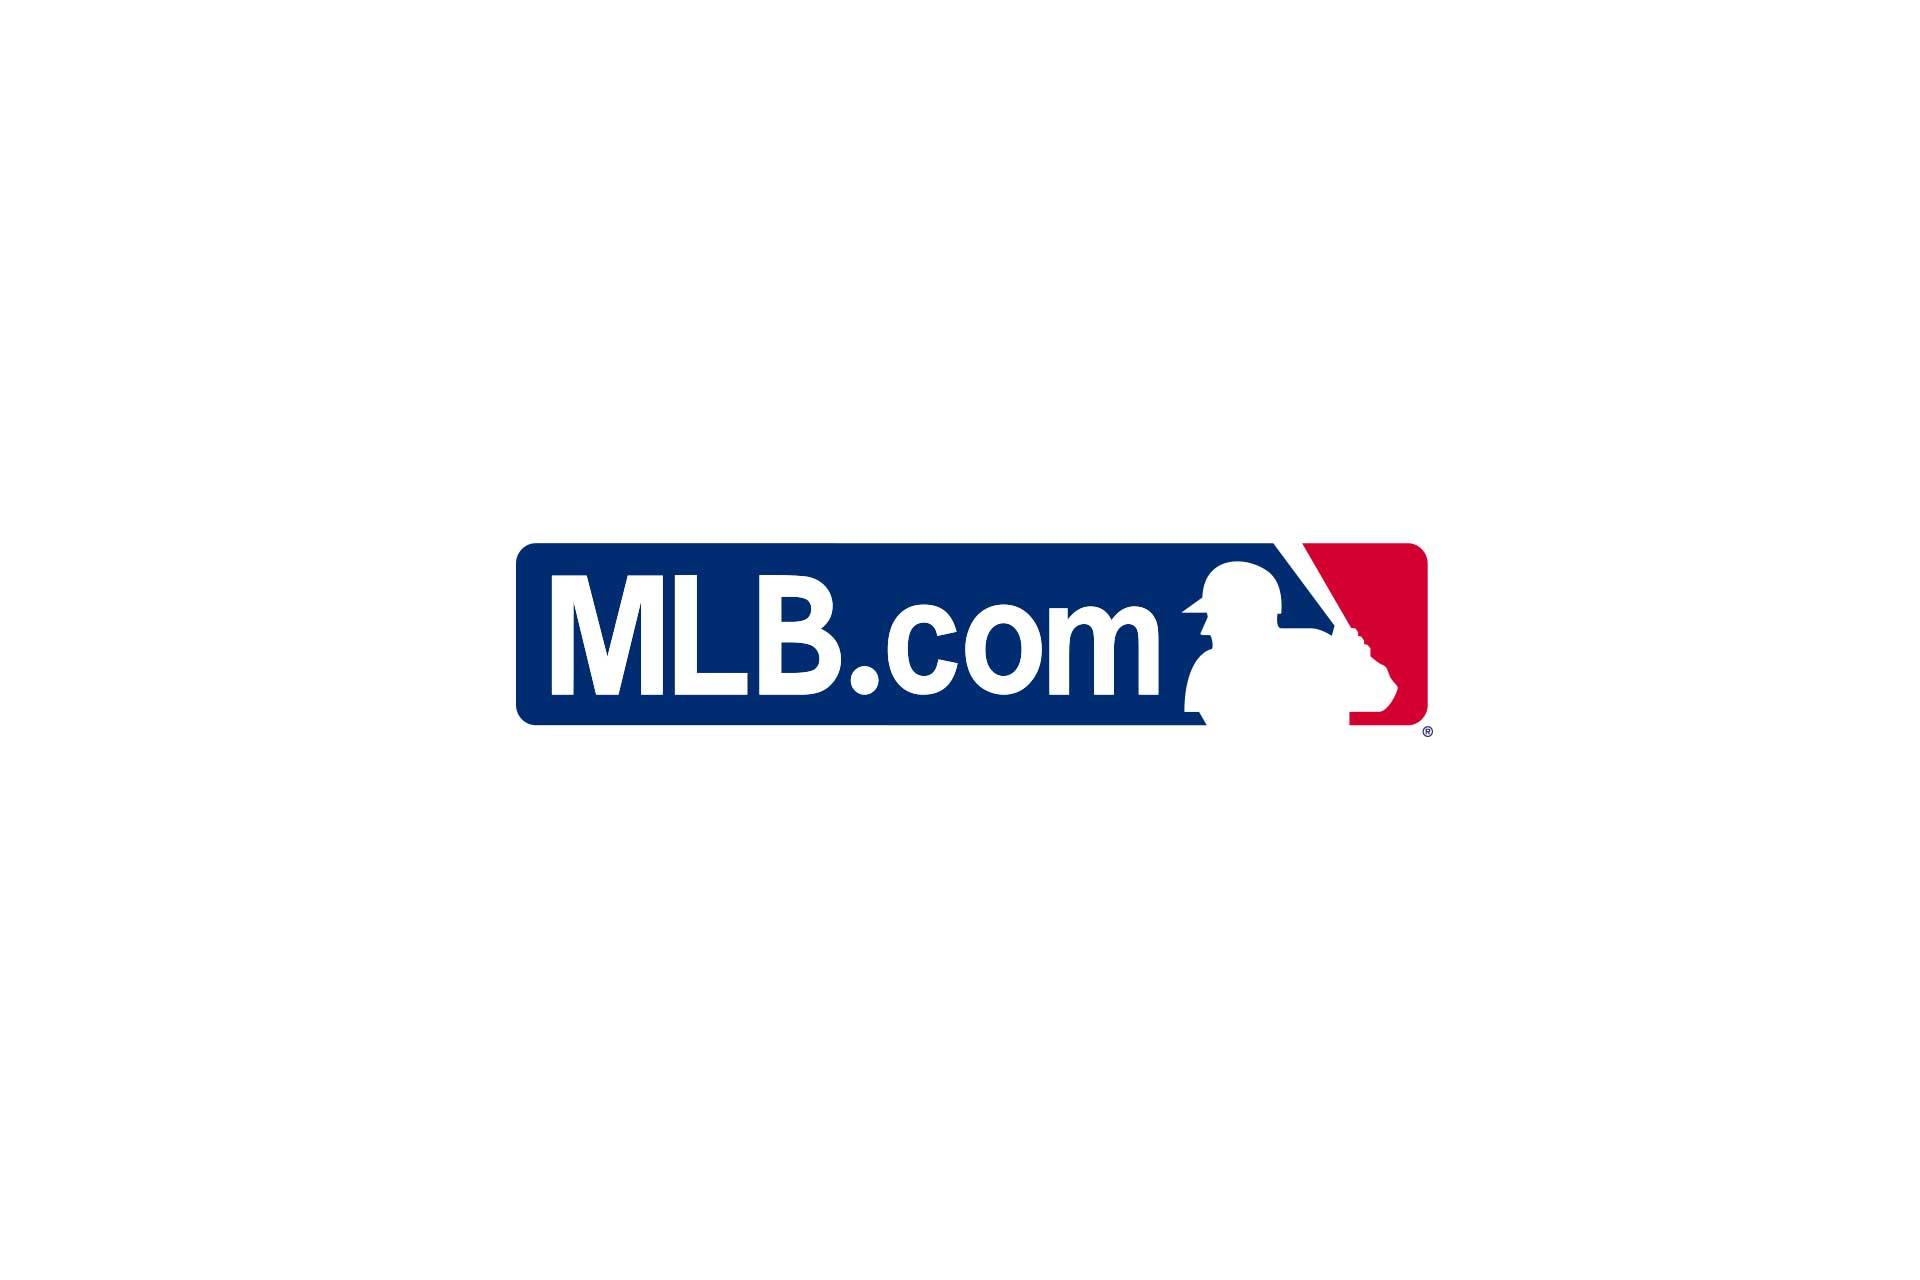 logo_mlb